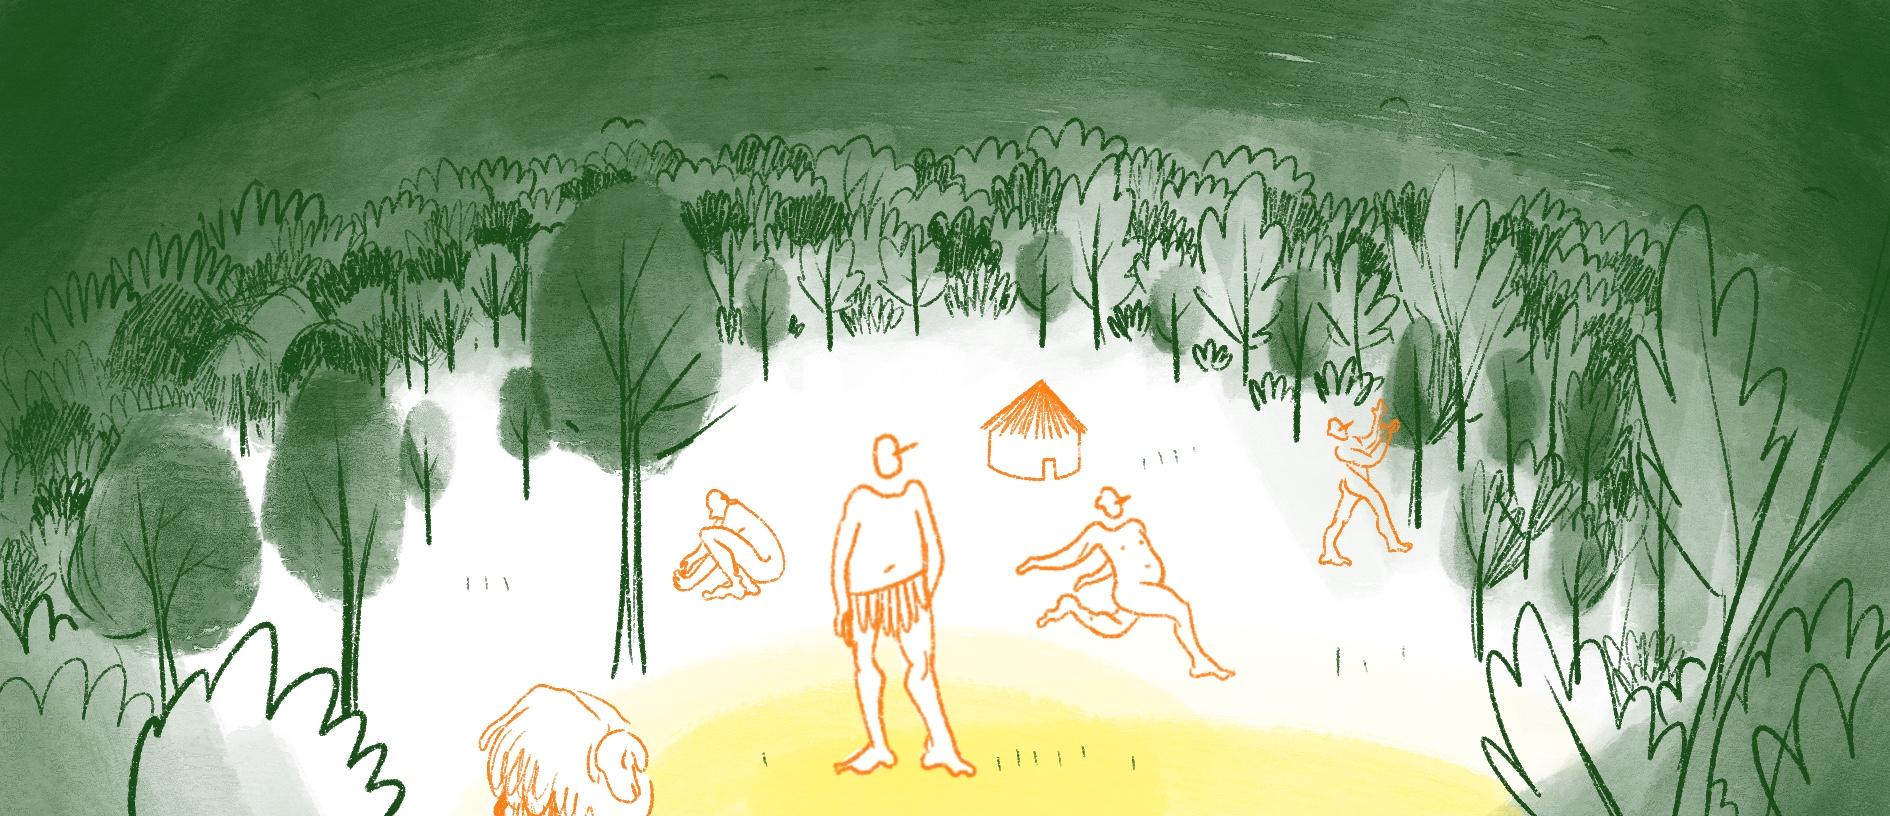 La forêt aux temps mythiques, histoire illustrée, copin.